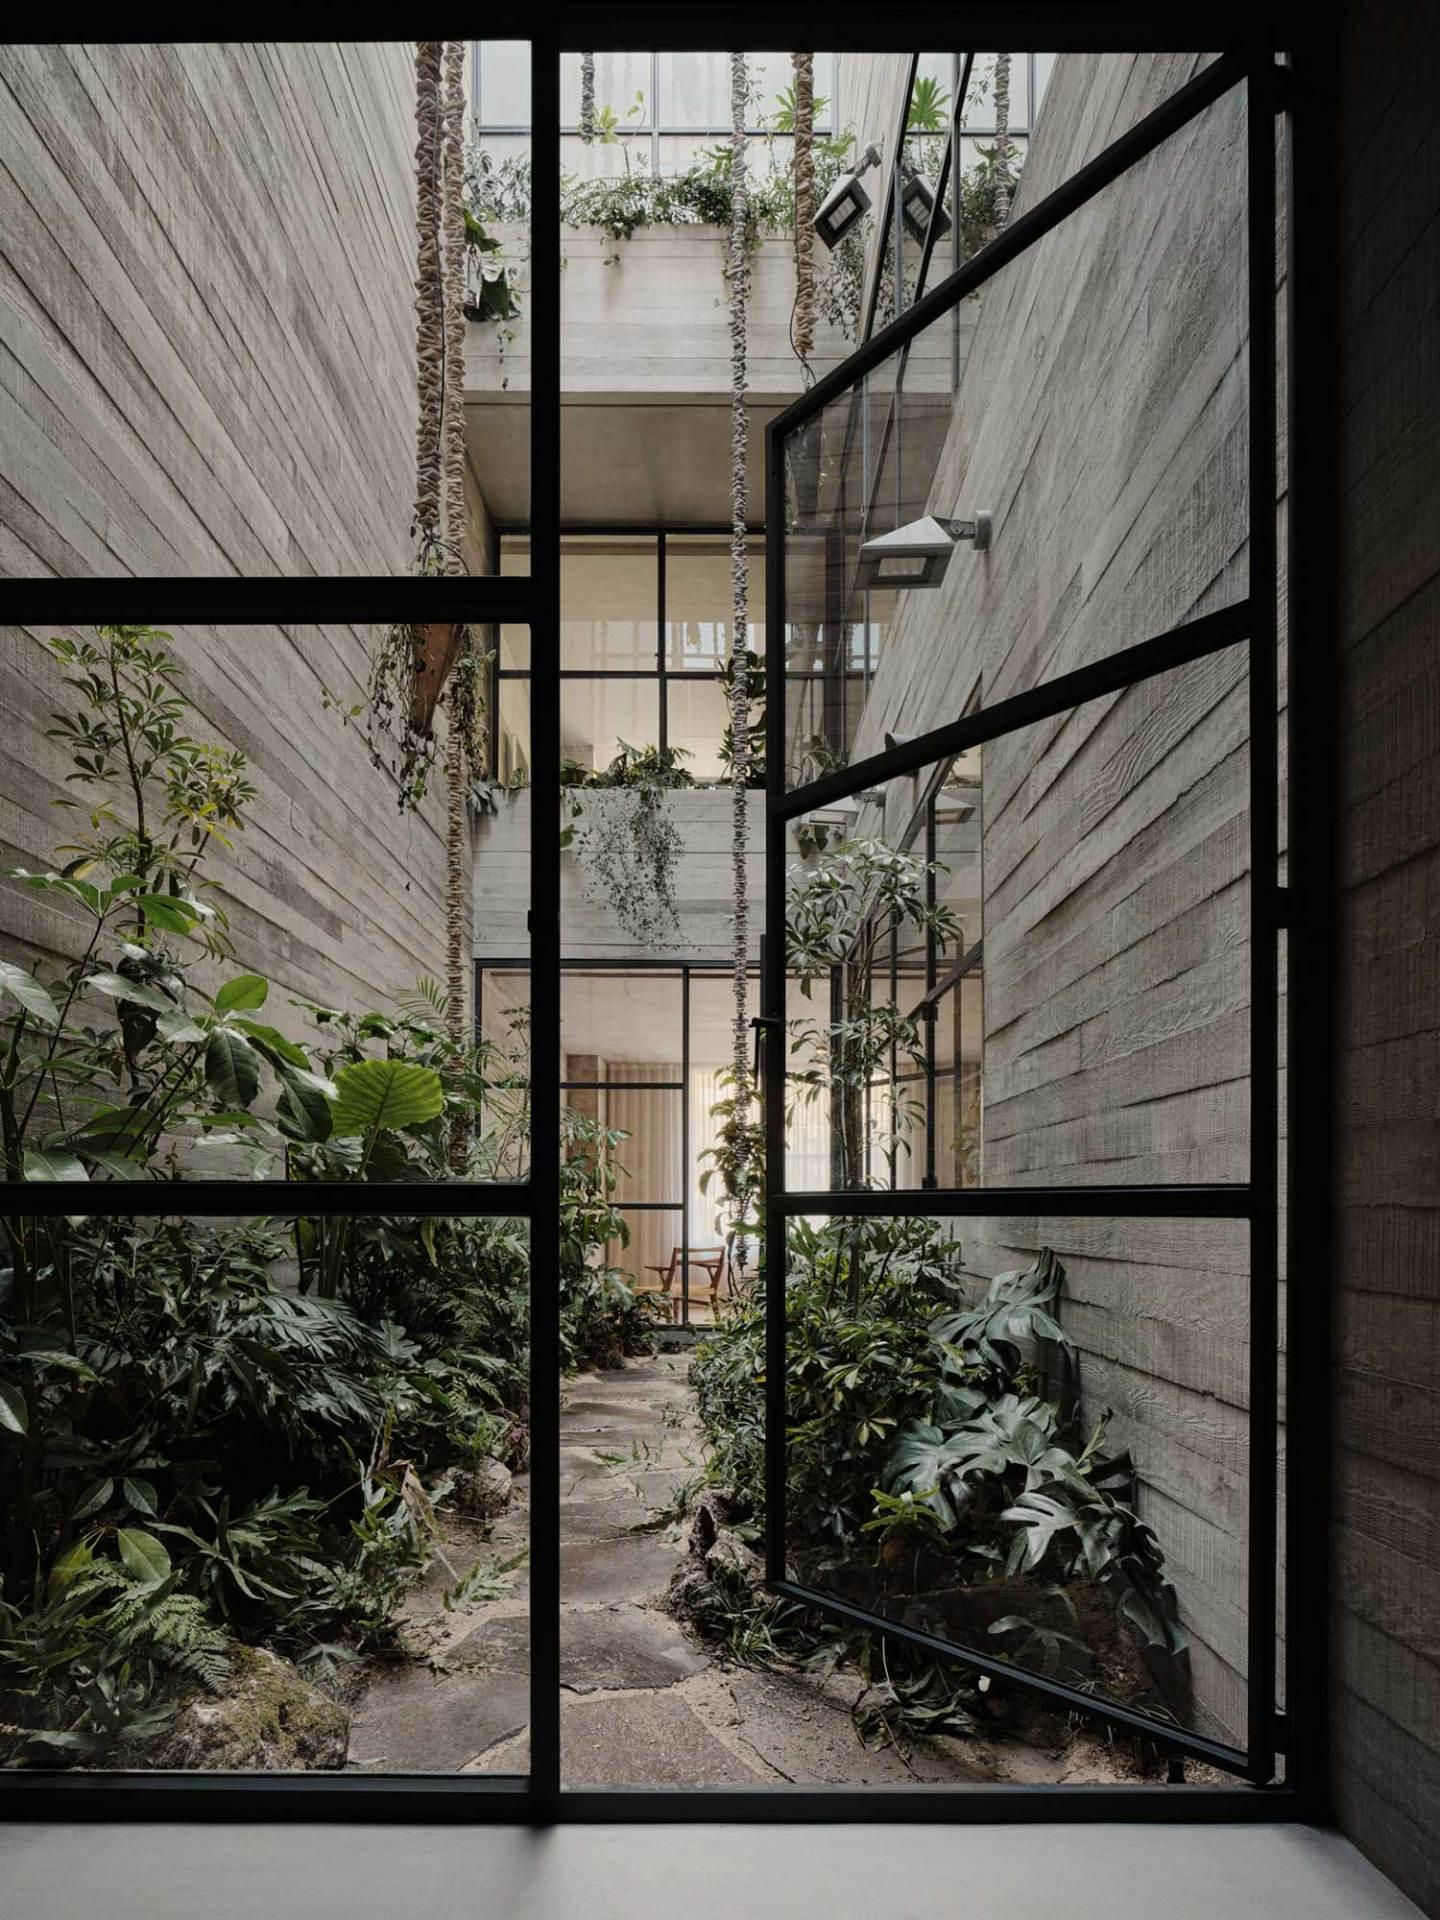 Tennyson-205-Apartment-designalive-2